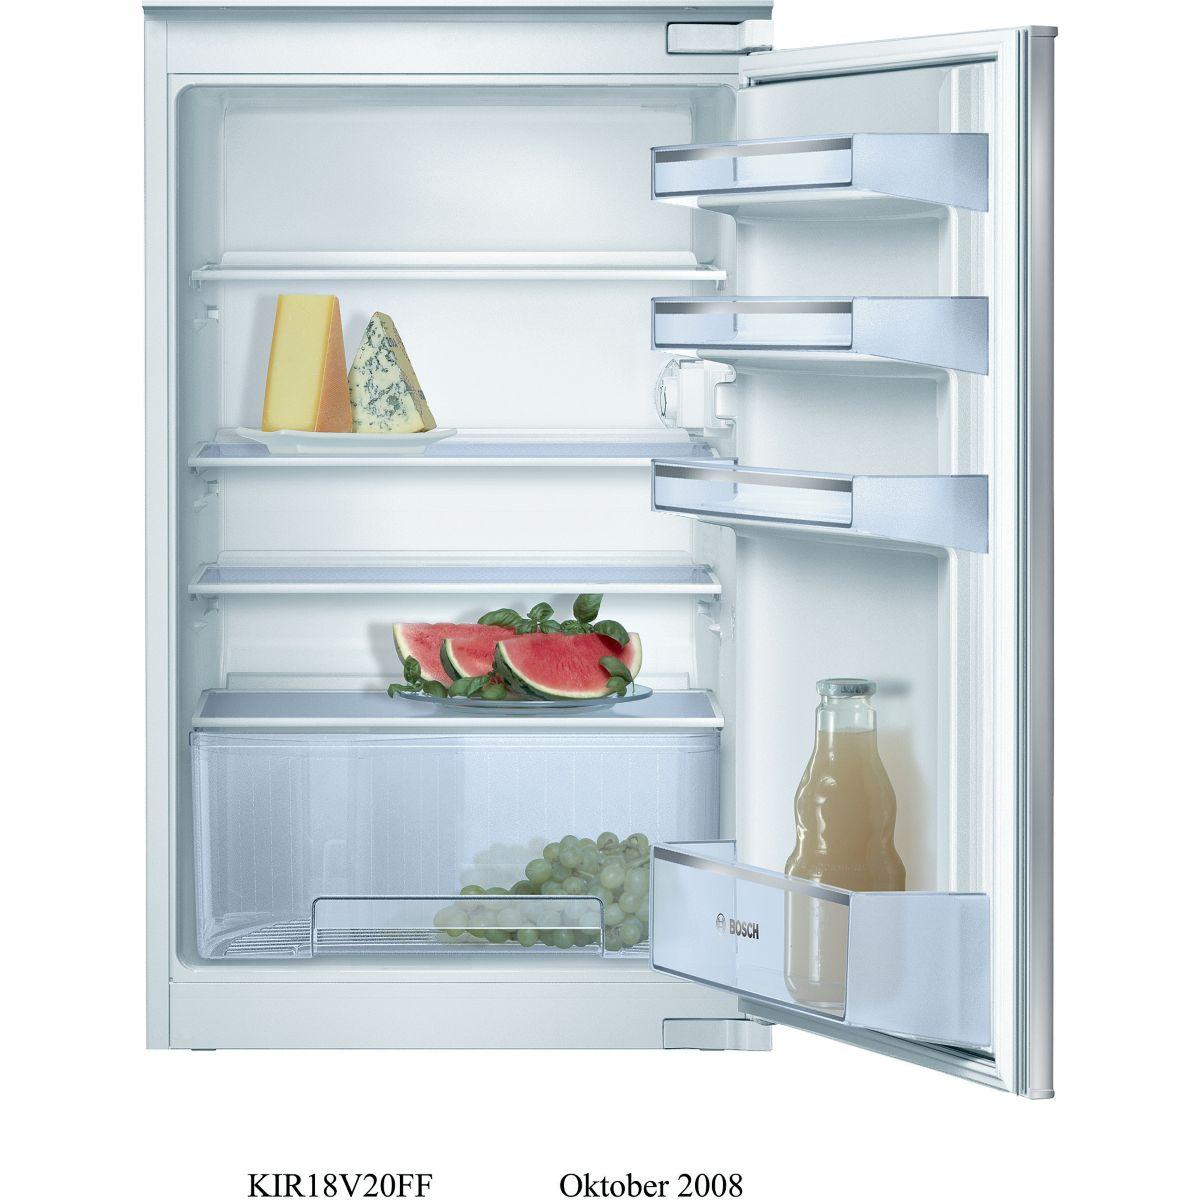 Réfrigérateur 1 porte encastrable BOSCH KIR18V20FF